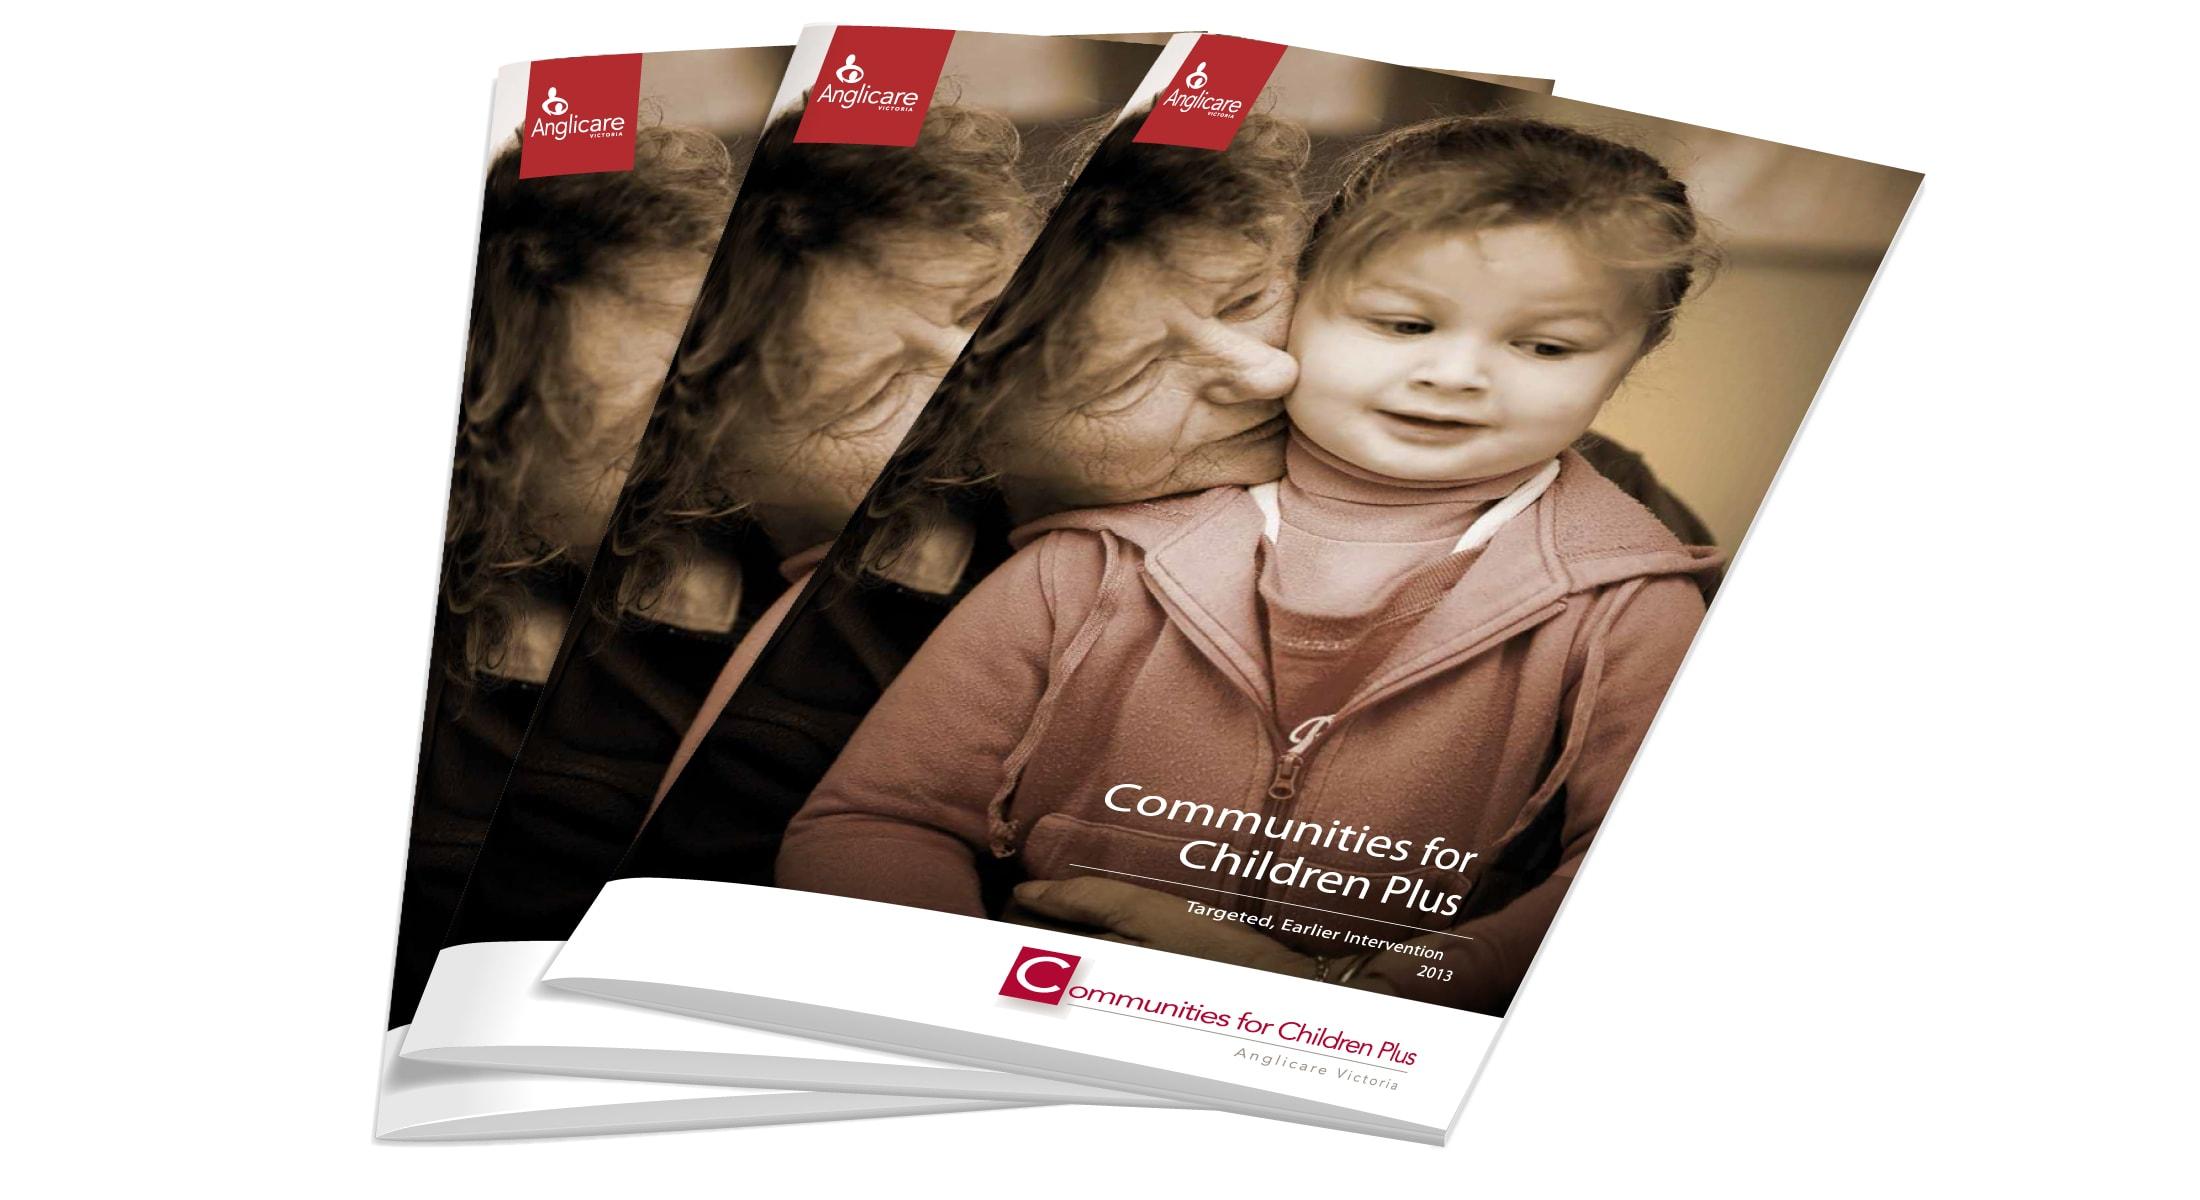 Communities for Children Plus Report